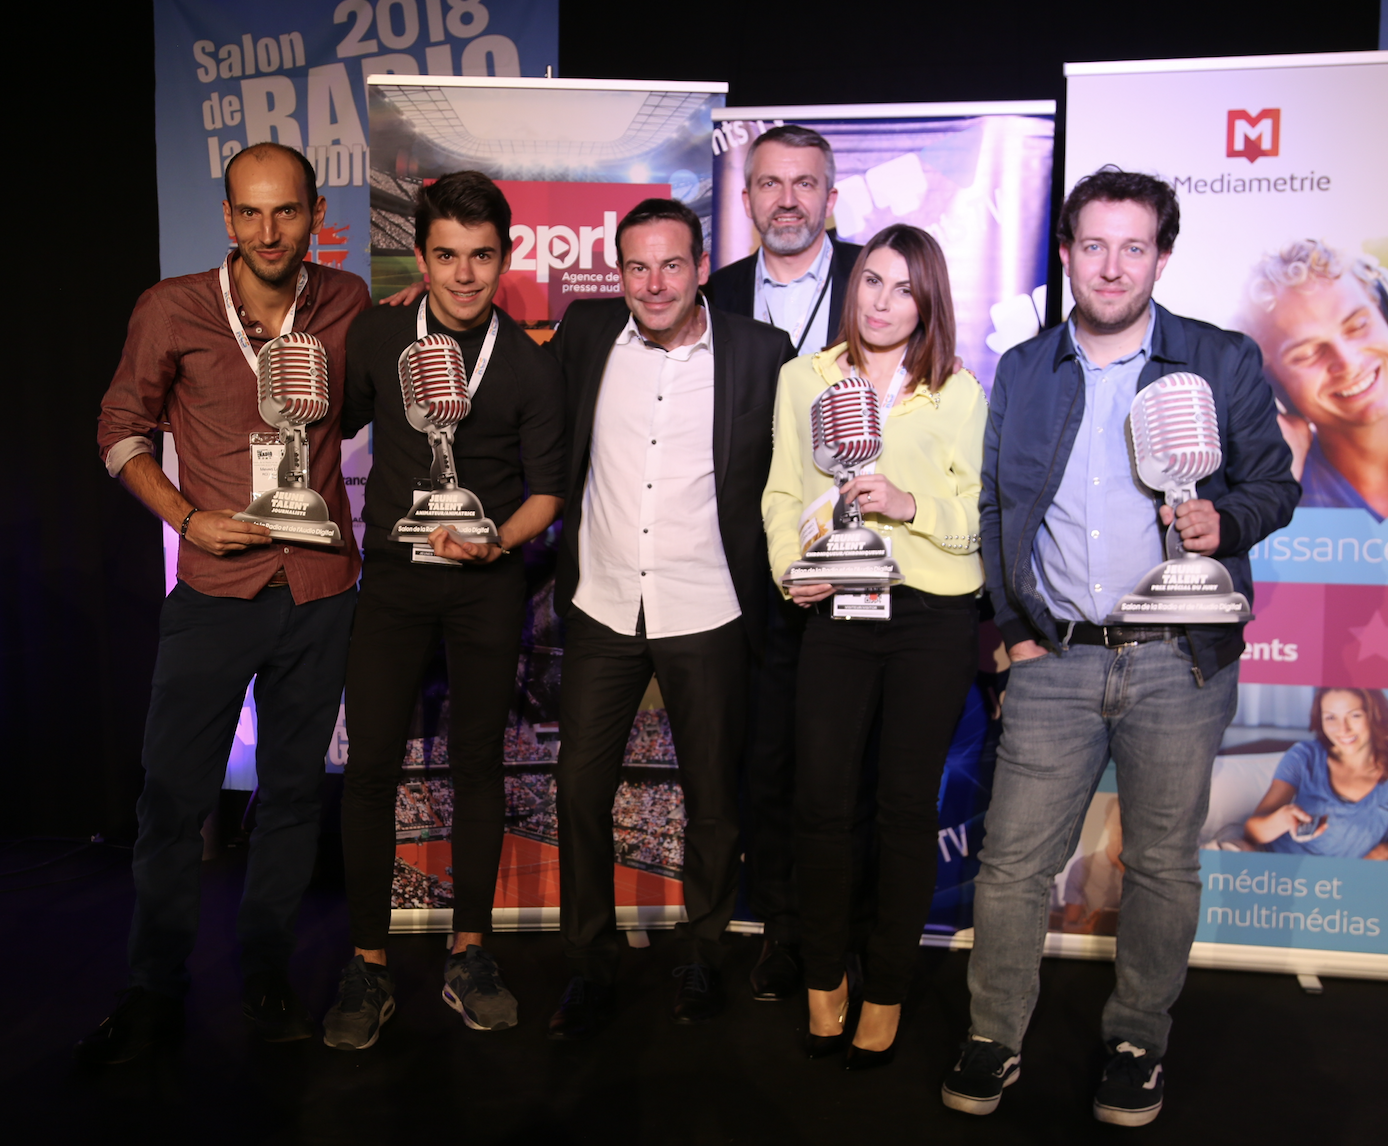 Les 4 jeunes Talents récompensés entourent Rémi Castillo et Philippe Chapot © Serge Surpin / La Lettre Pro